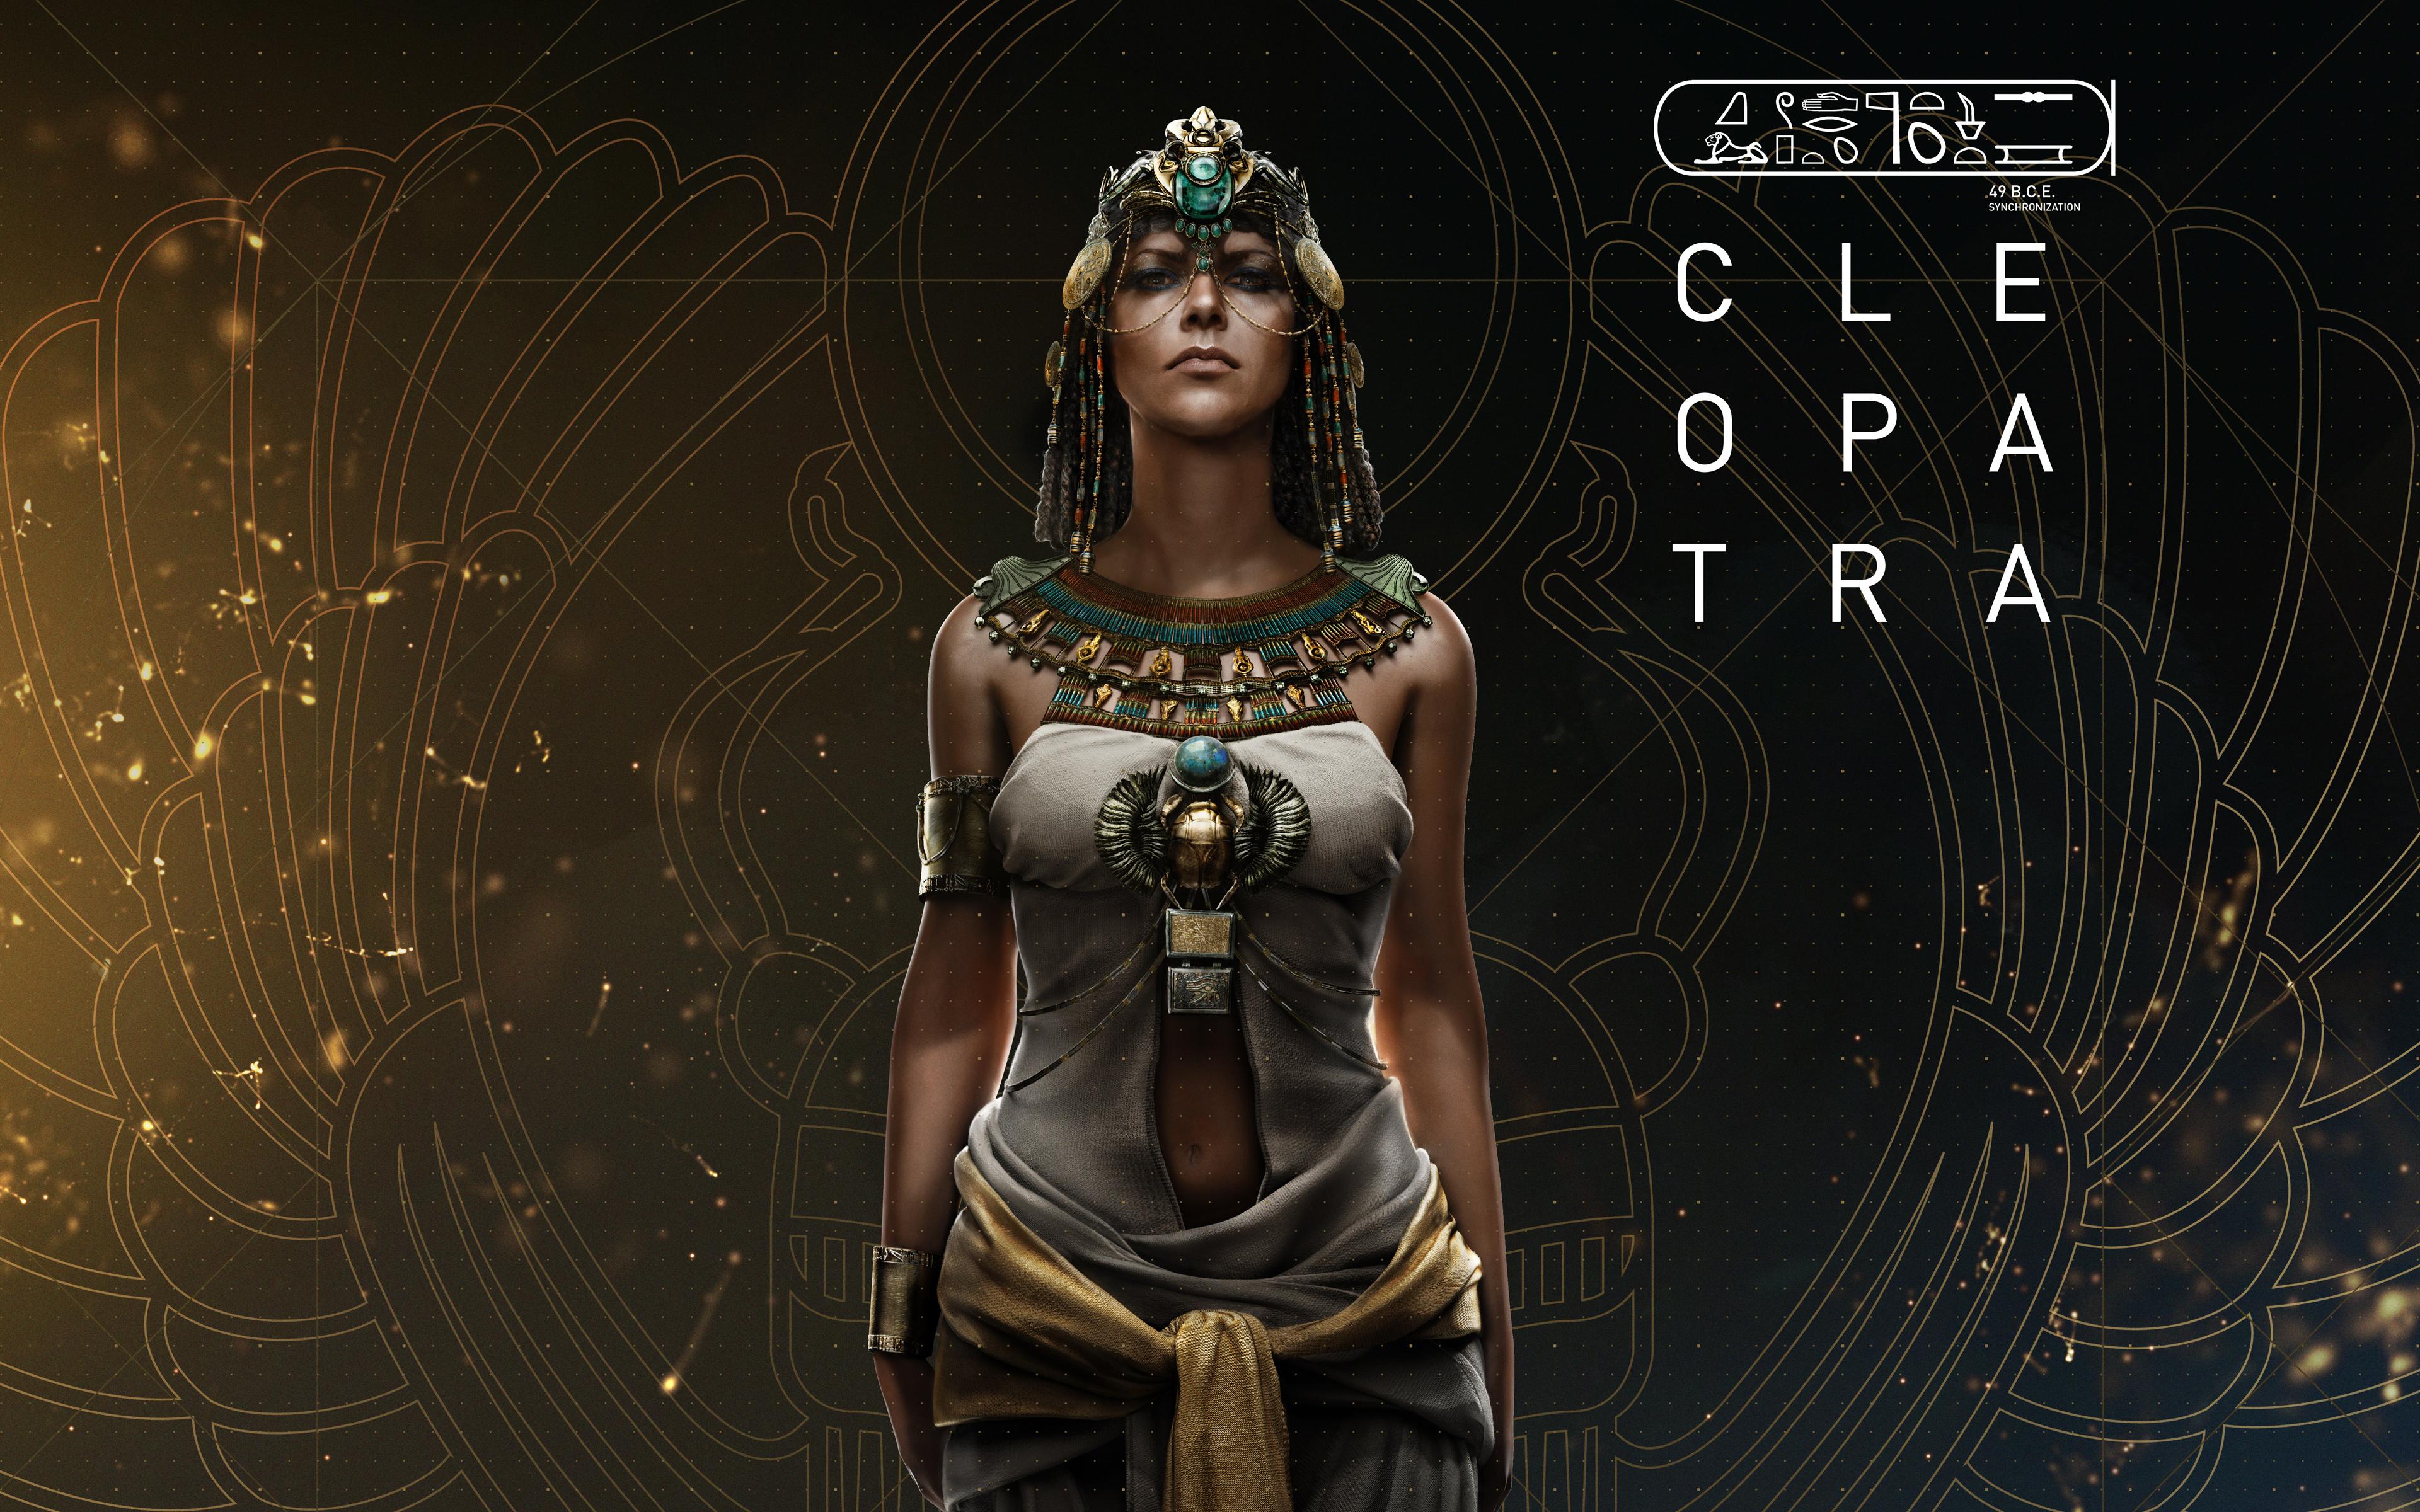 Клеопатра ассассинс Крид происхождение обои скачать